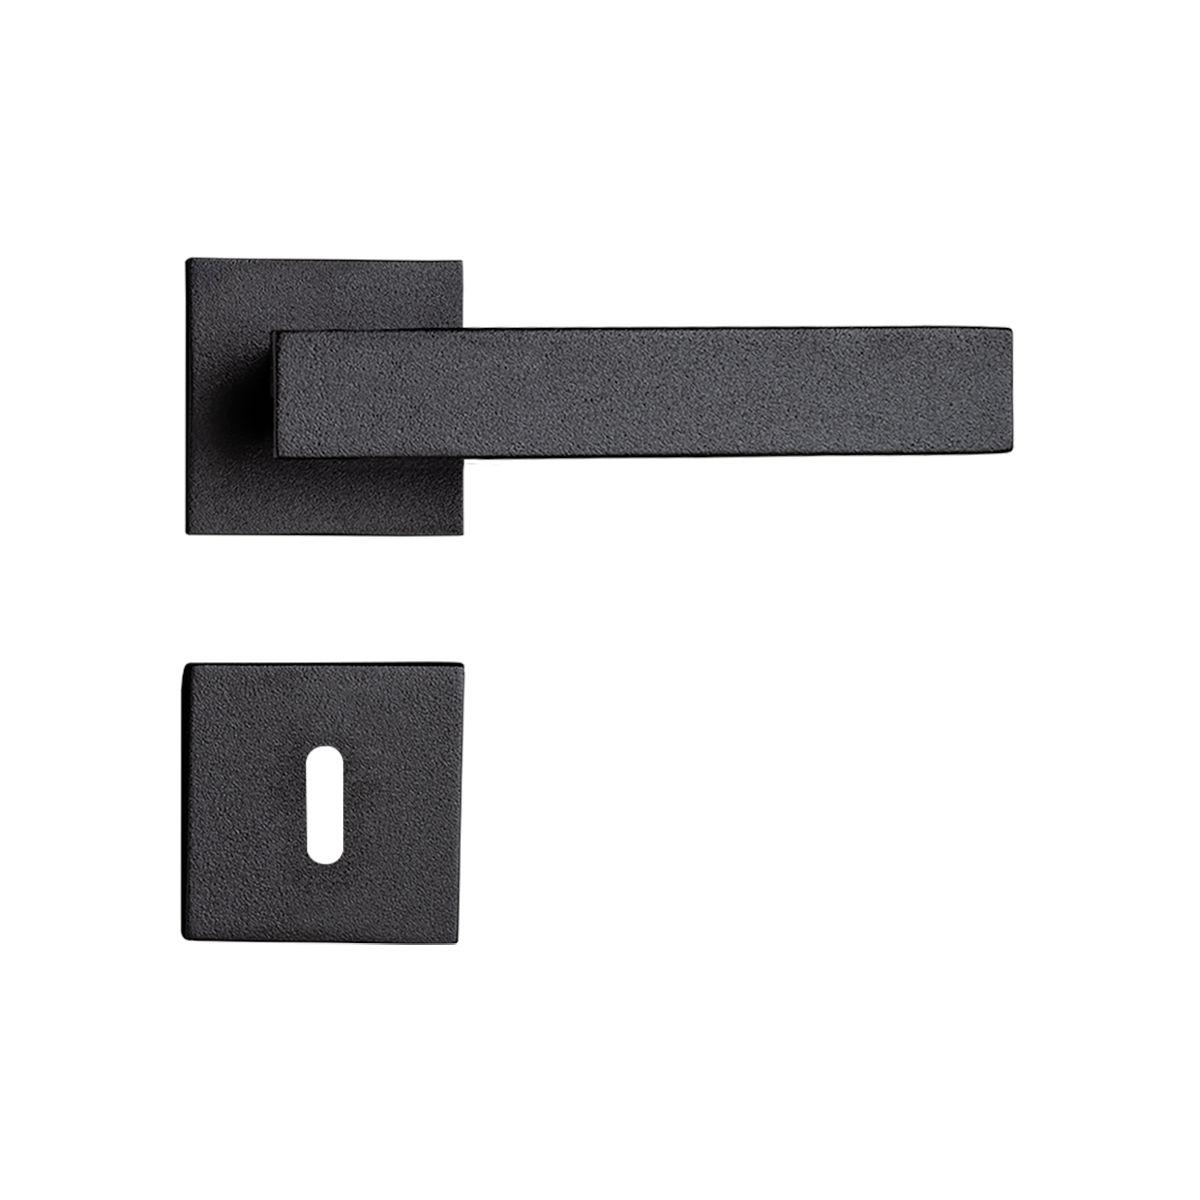 Fechadura Interna Pado Retro Roseta Quadrada Preta 55mm